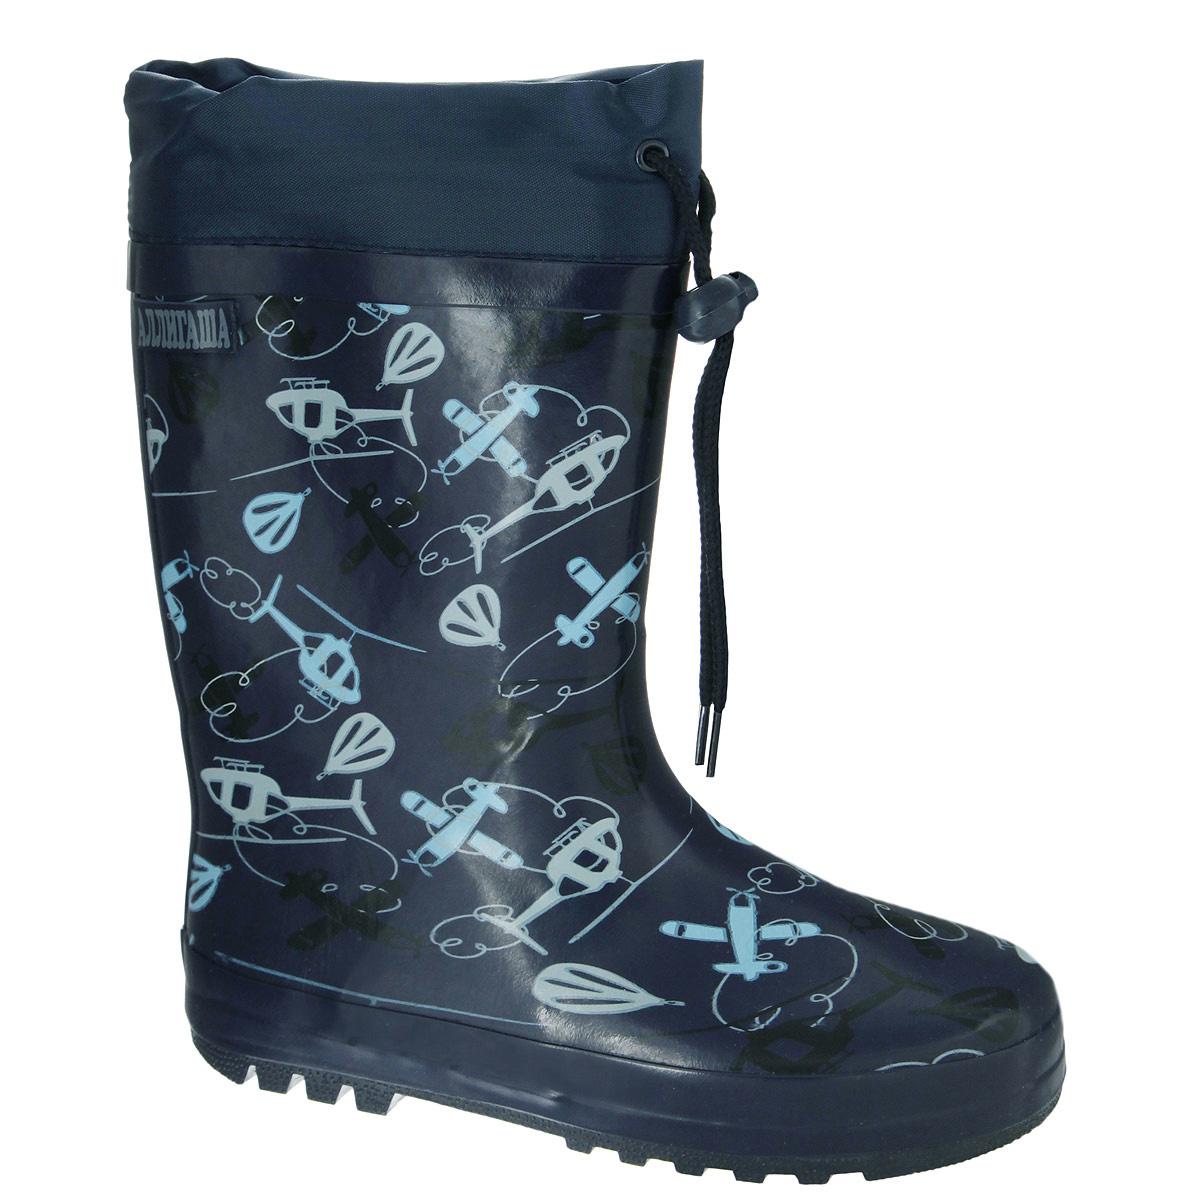 13-313Резиновые сапожки для мальчика Аллигаша - идеальная обувь в дождливую погоду. Сапоги выполнены из качественной резины и оформлены принтом с изображением воздушного транспорта, а также логотипом бренда. Подкладка, выполненная из текстиля, подарит ощущение комфорта вашему ребенку. Главным преимуществом резиновых сапожек является наличие съемного текстильного носочка, что позволяет носить сапожки не только дождливым летом, но и сырой прохладной осенью. Текстильный верх голенища регулируется в объеме за счет шнурка со стоппером. Резиновые сапожки прекрасно защитят ножки вашего ребенка от промокания в дождливый день.